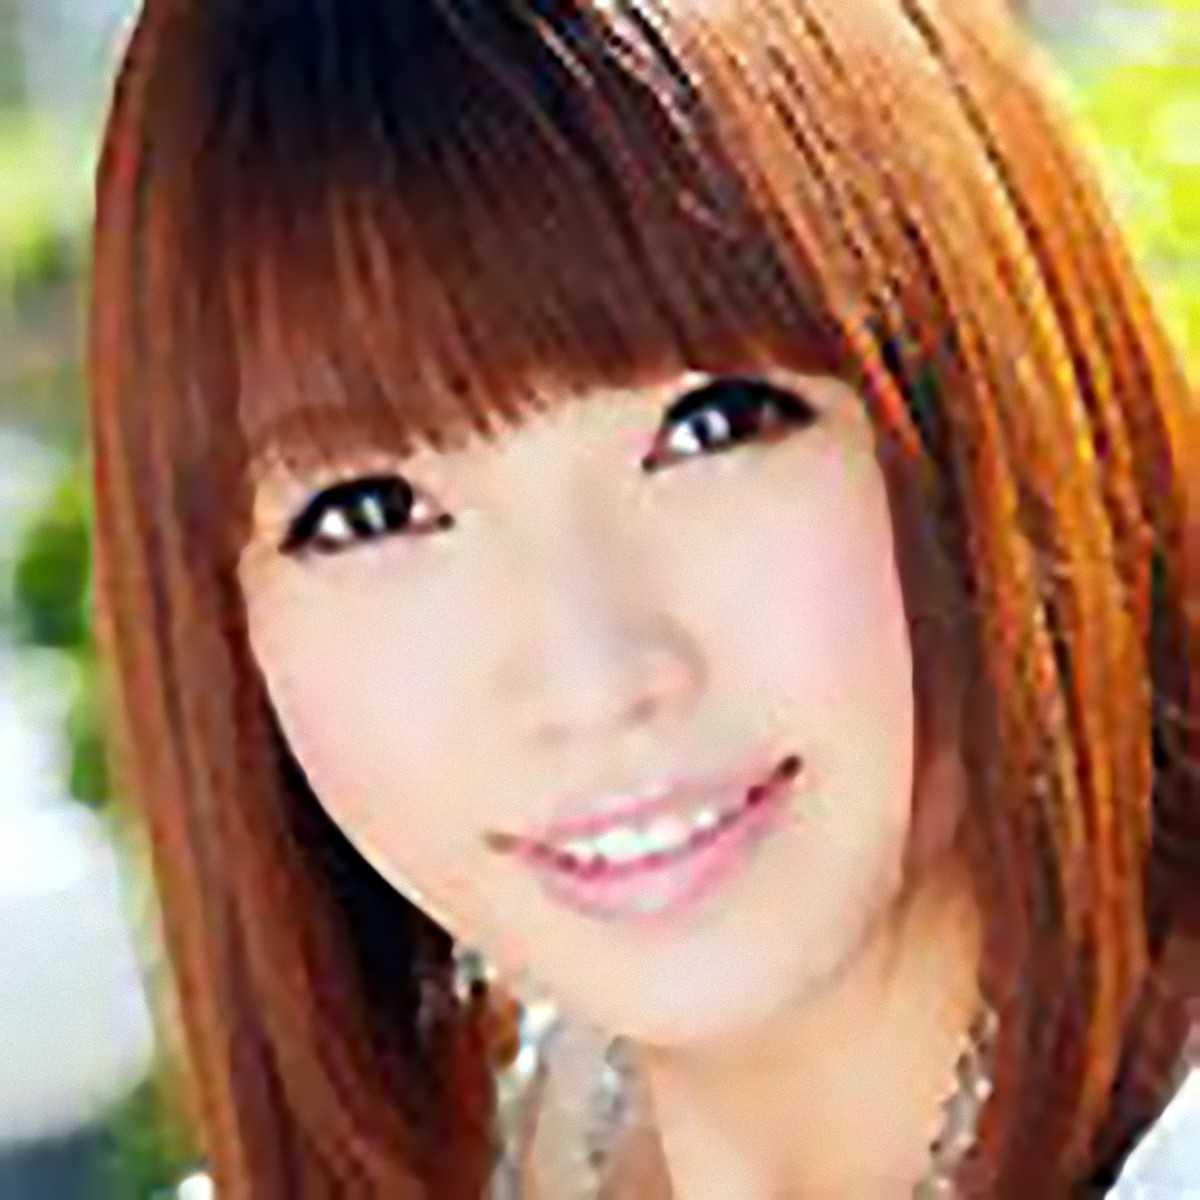 工藤美紗さんのプロフィールと画像集3ページ目 | AV女優画像